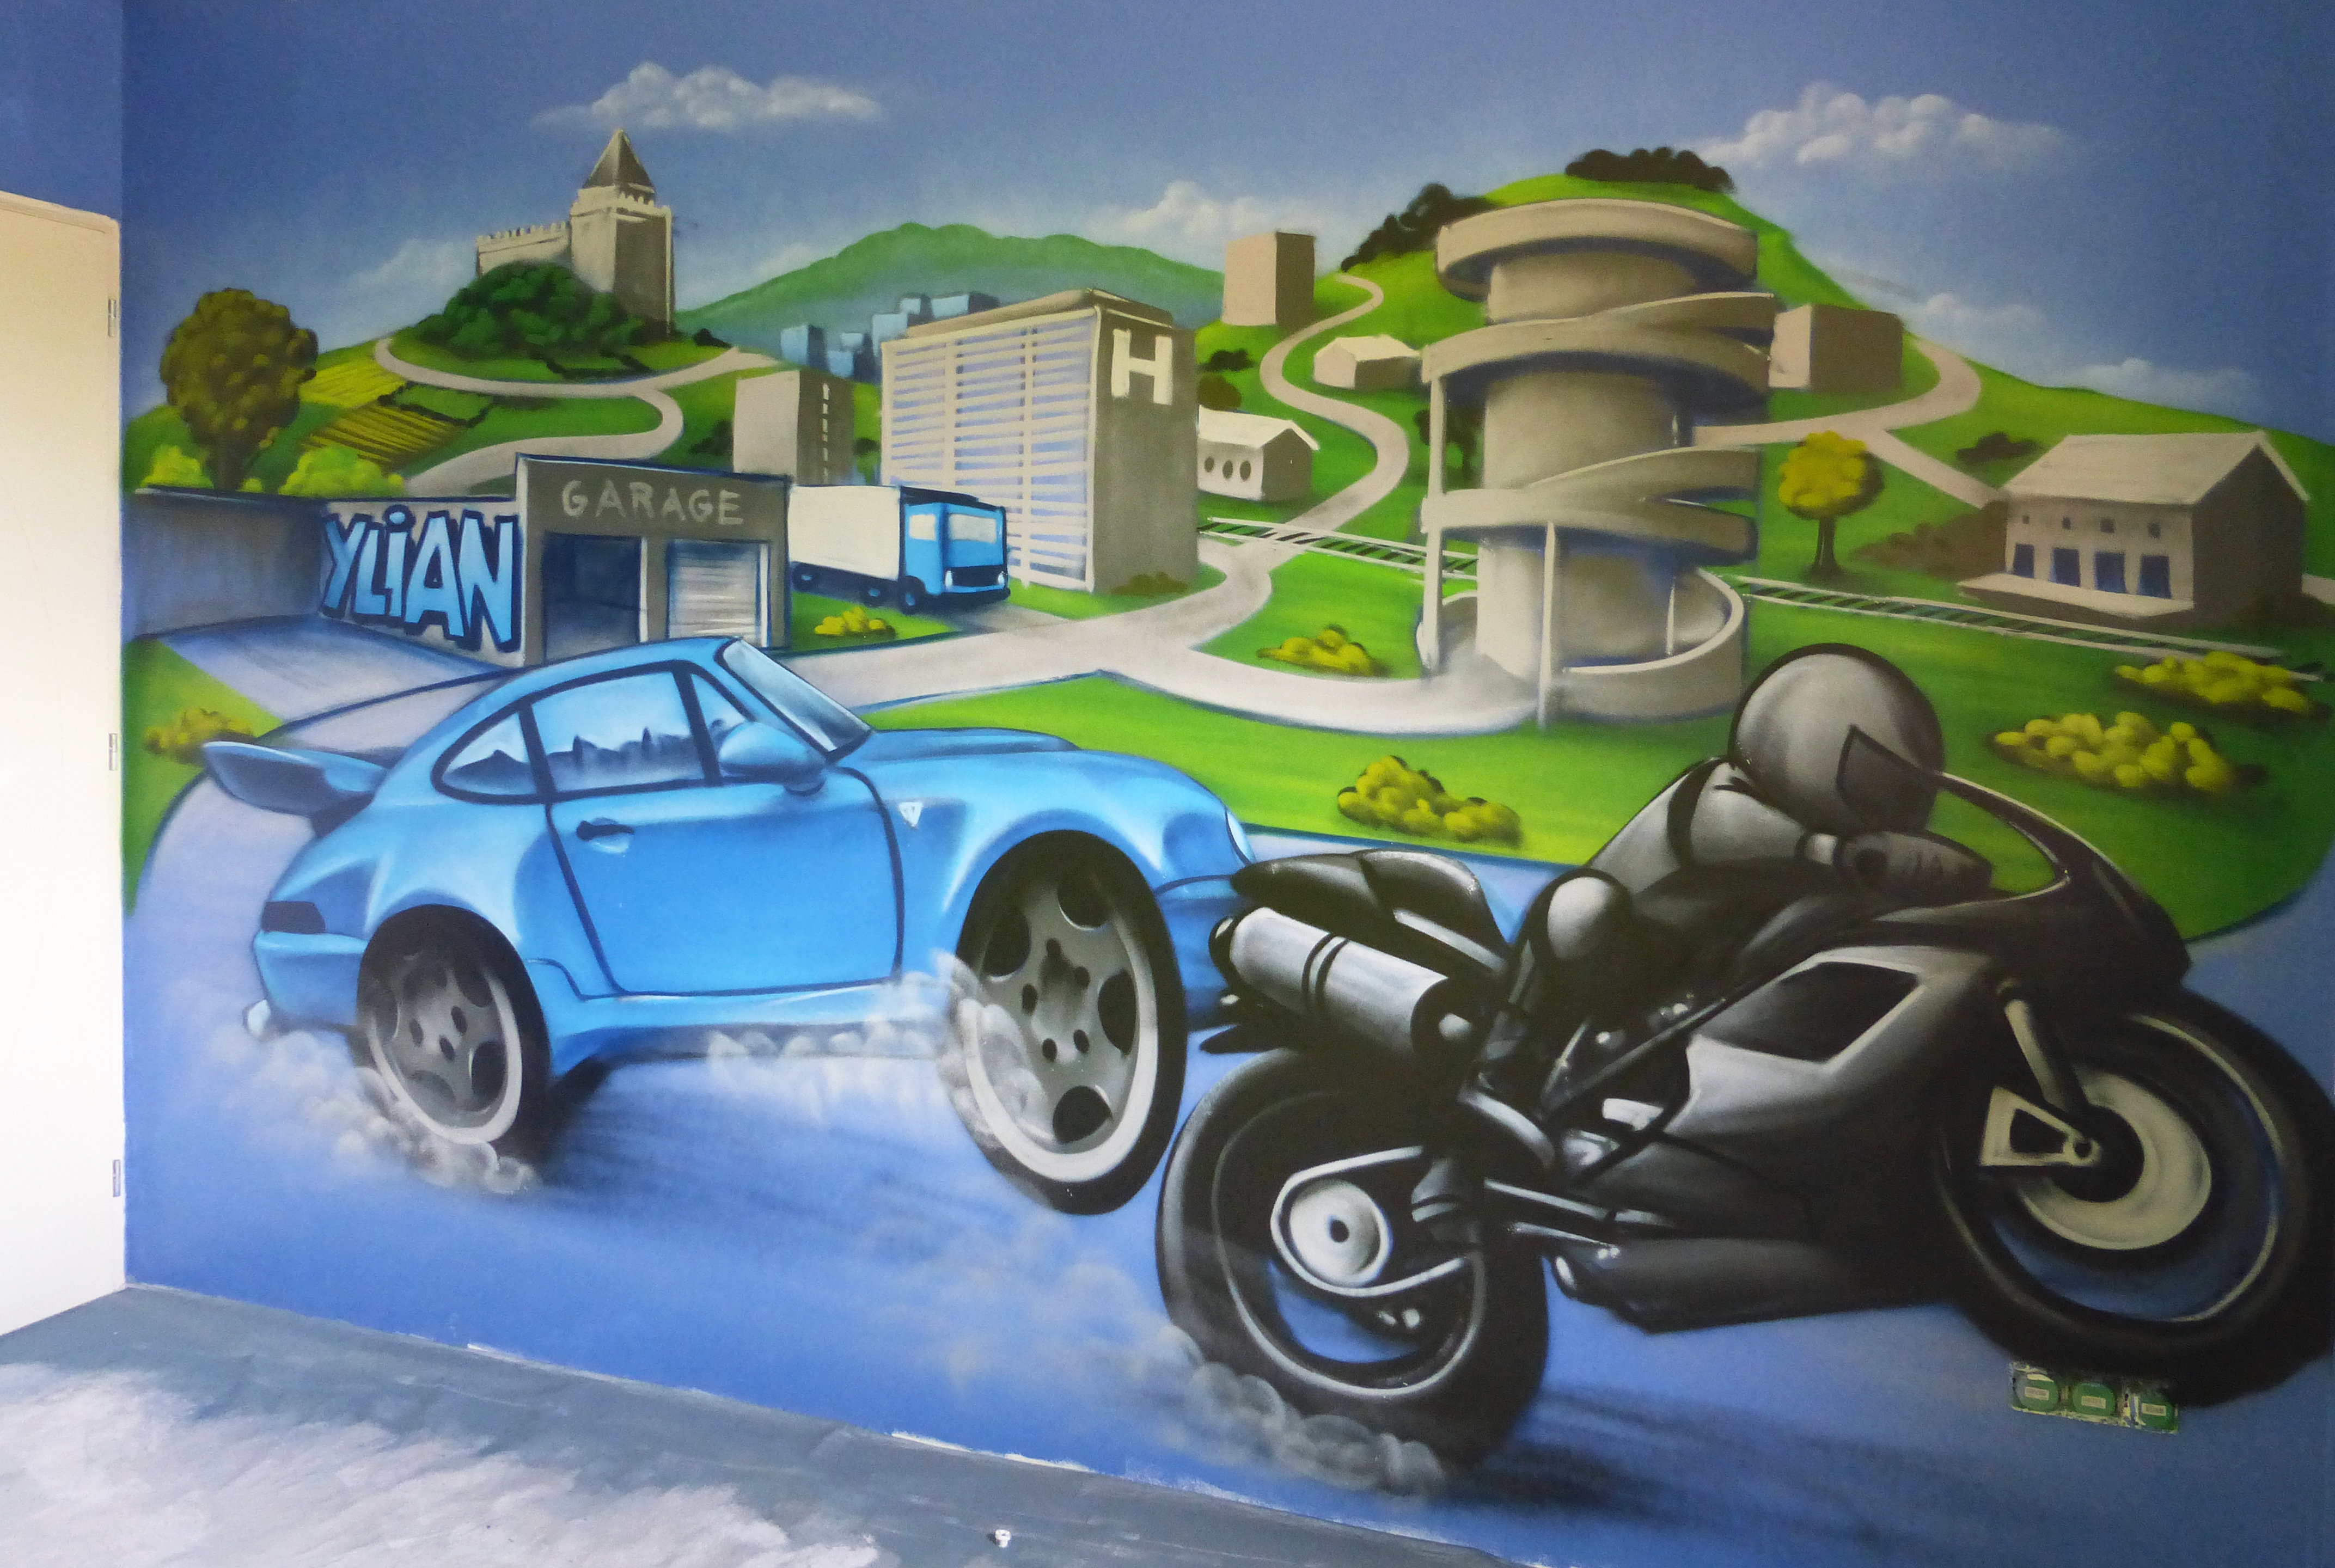 Decom deco graff deco chambre enfant moto voiture - Deco chambre enfant voiture ...